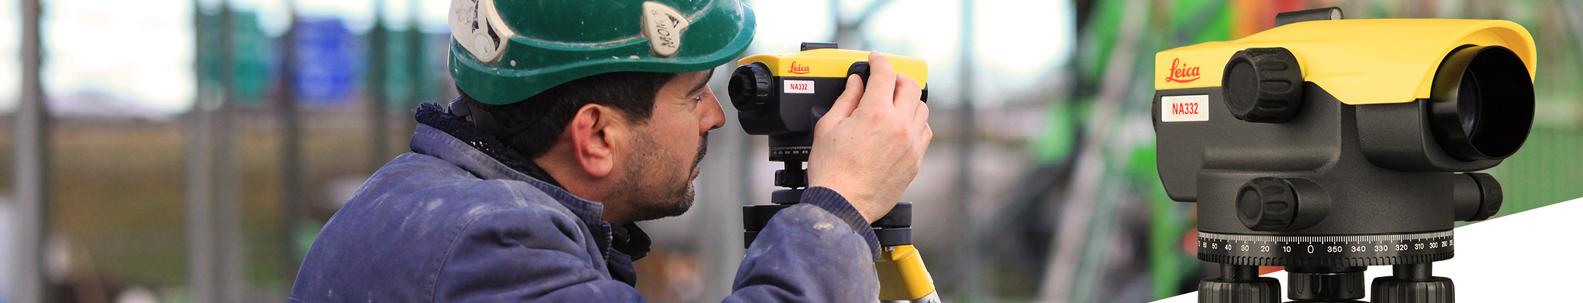 Automatiniai nivelyrai  Profesionalūs, itin pažangūs automatiniai (optiniai) nivelyrai preciziškam darbų atlikimui